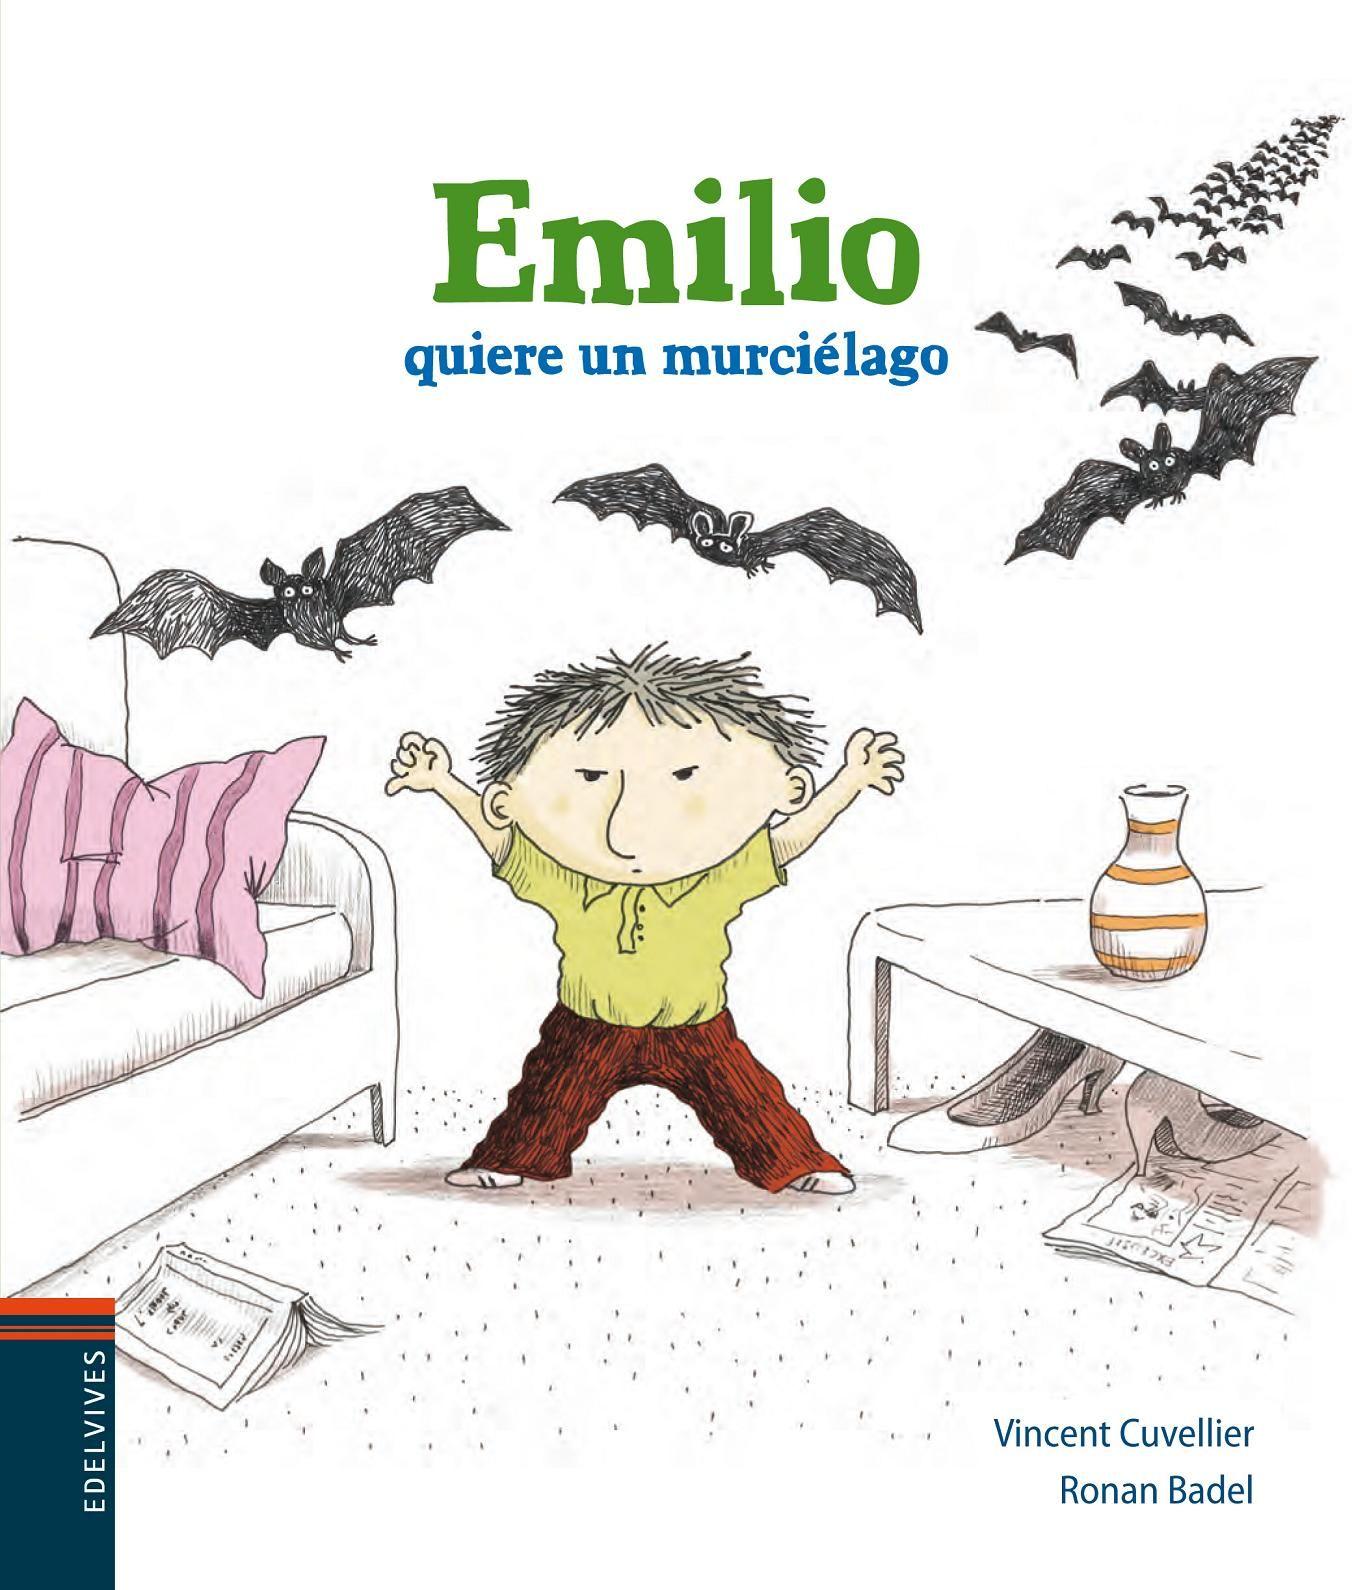 EMILIO QUIERE UN MUCIELAGO